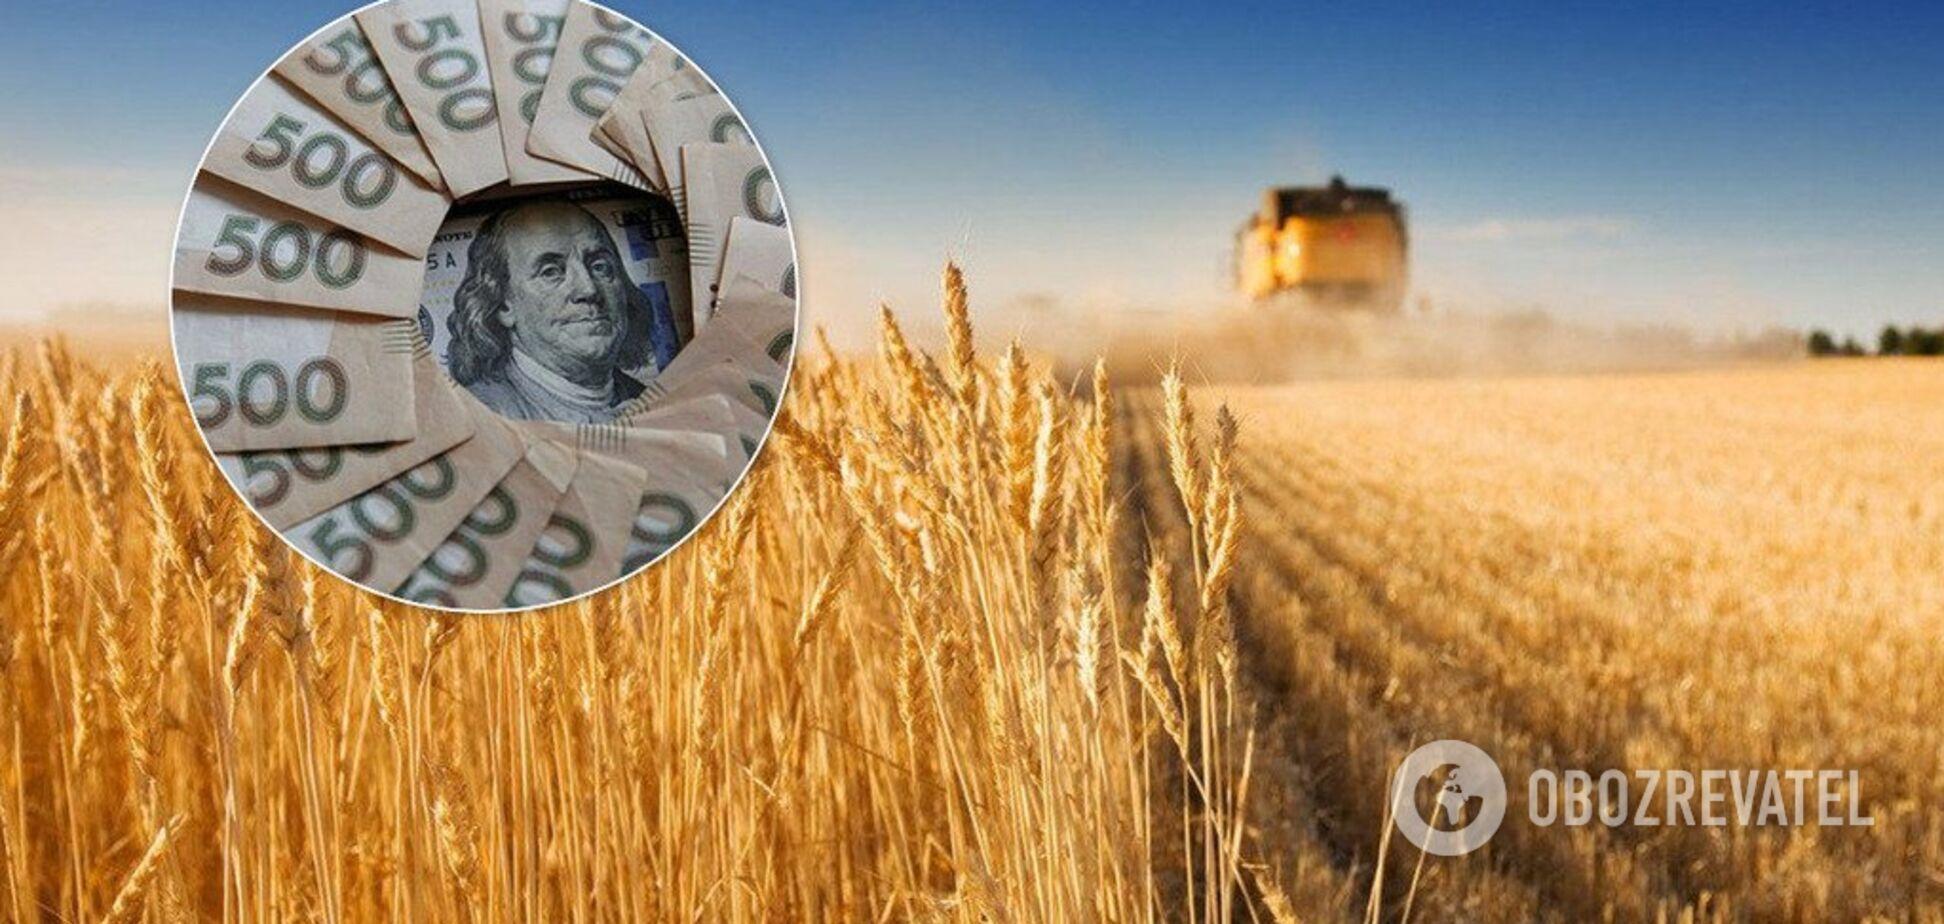 Україна відкриє ринок землі: стало відомо, чого чекати простим фермерам